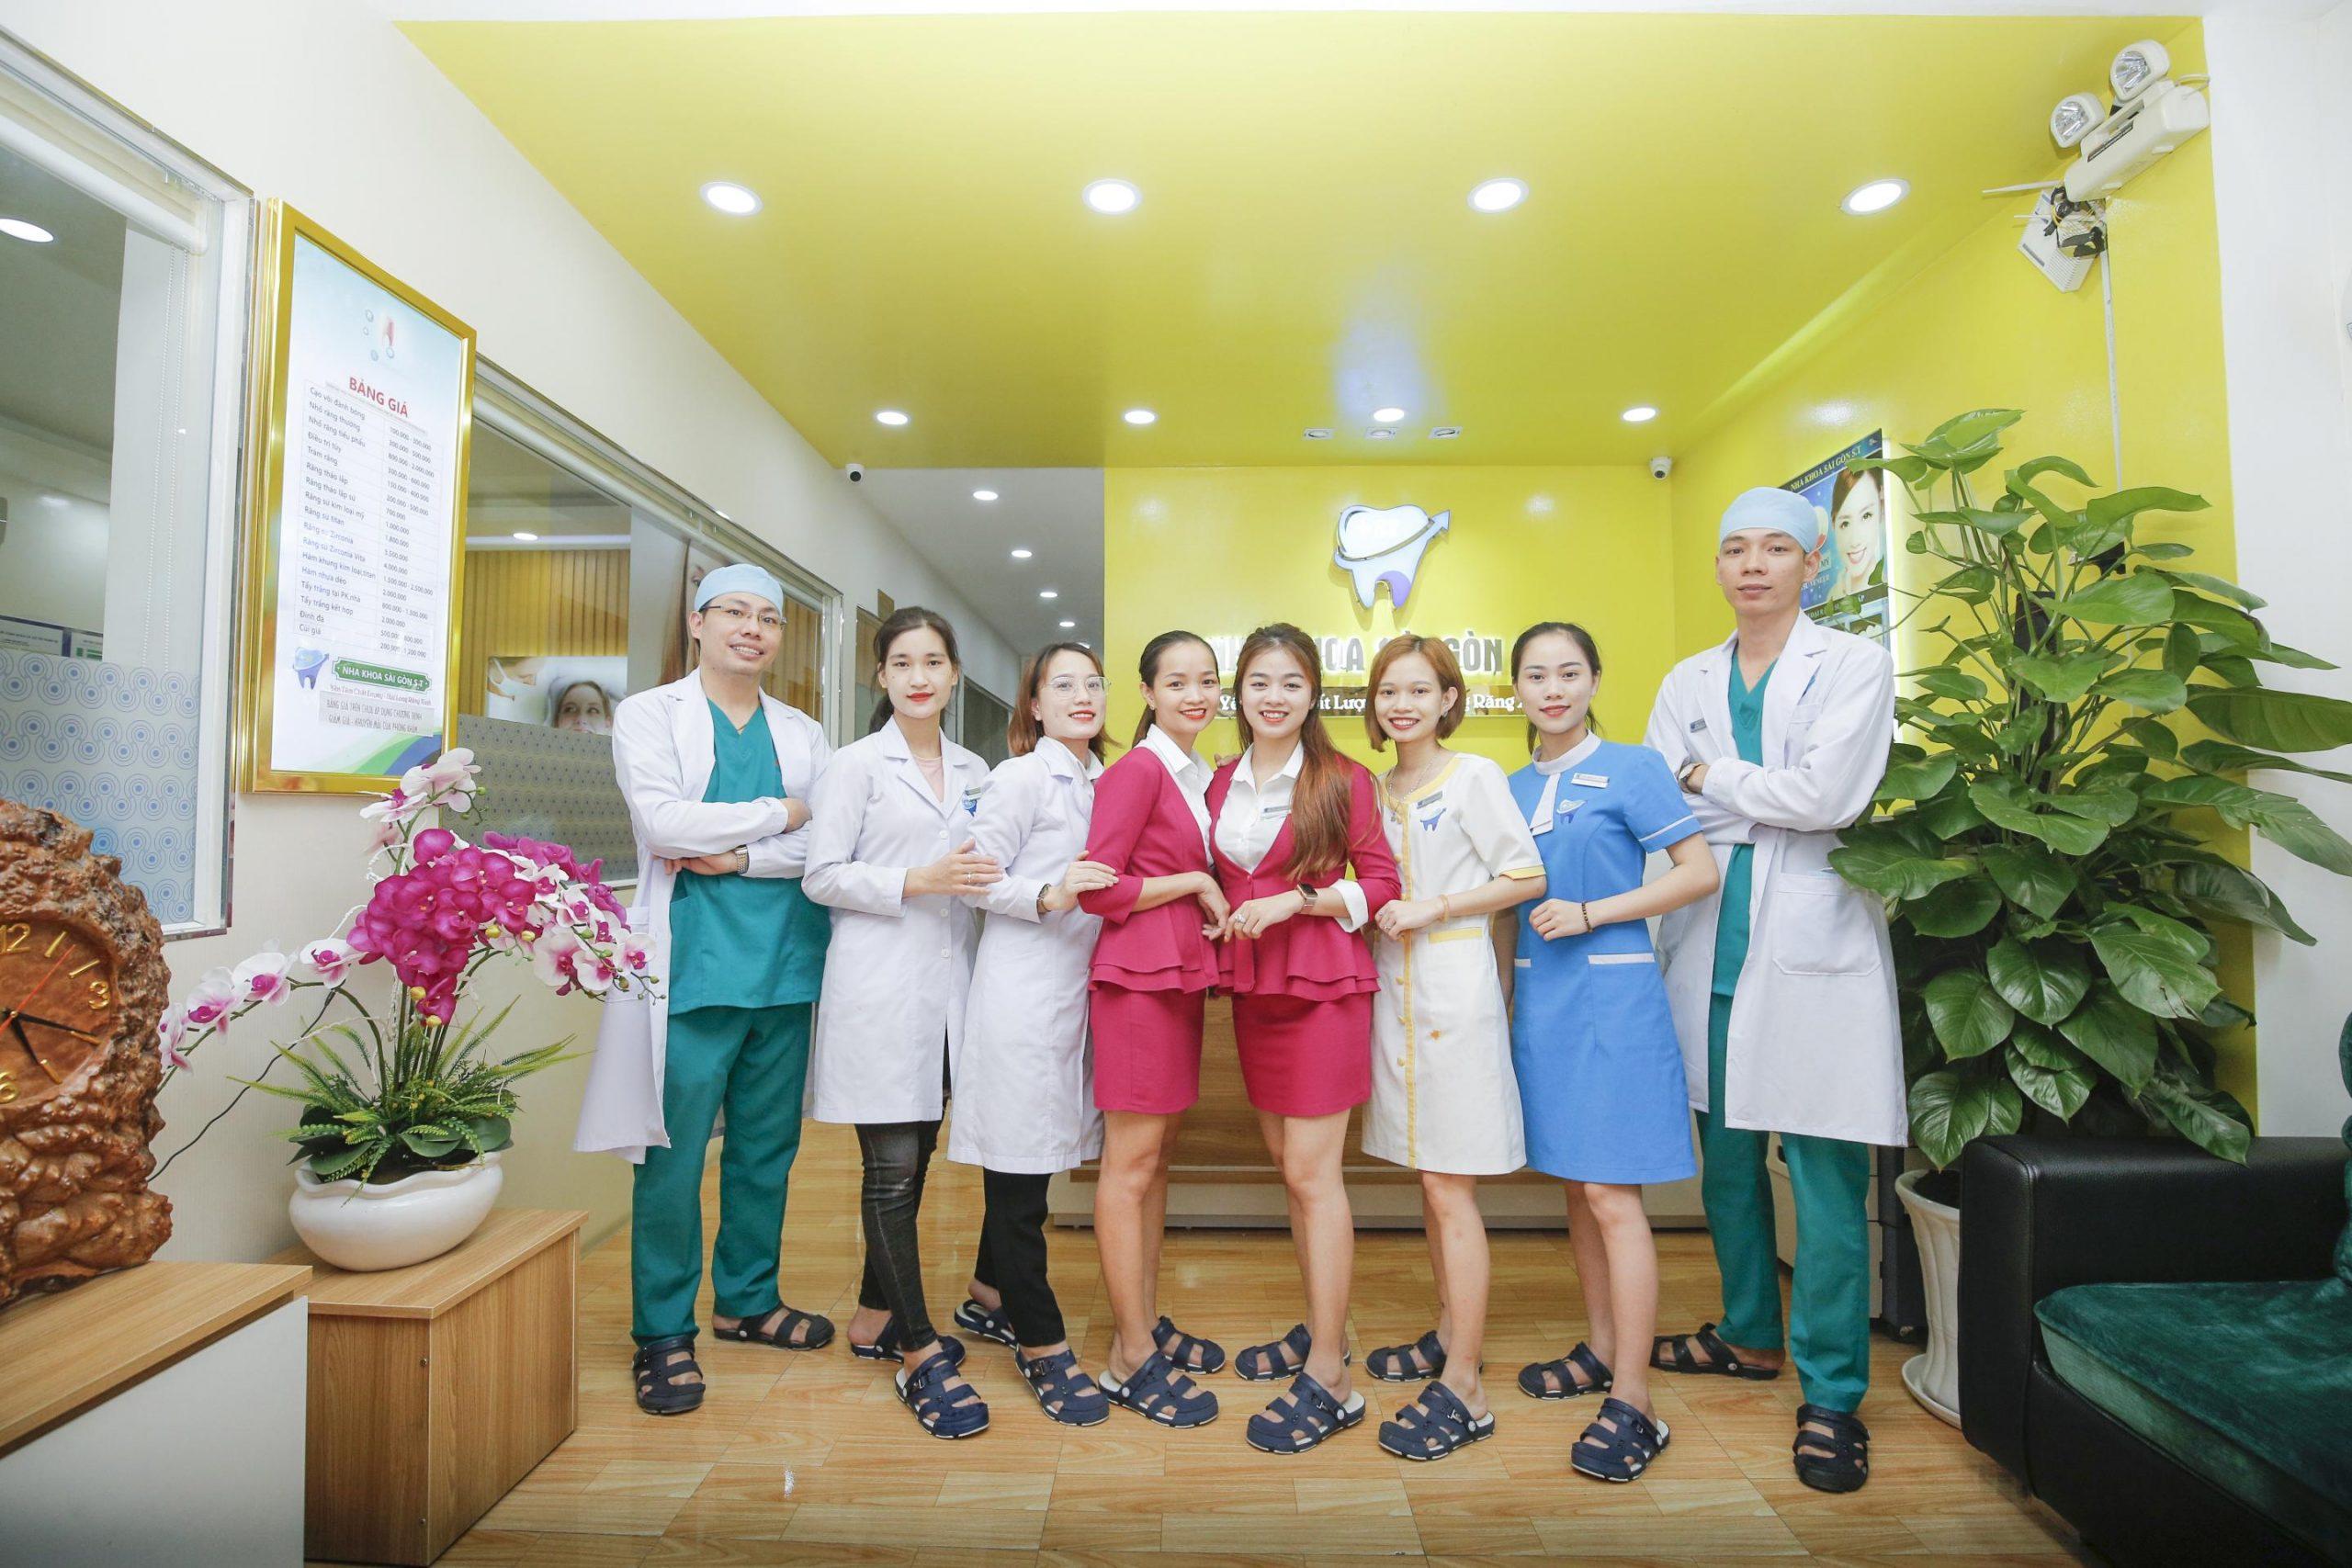 Nha khoa Sài Gòn ST kỹ lưỡng trong khâu tuyển chọn đội ngũ nhân viên, y bác sĩ chuyên môn